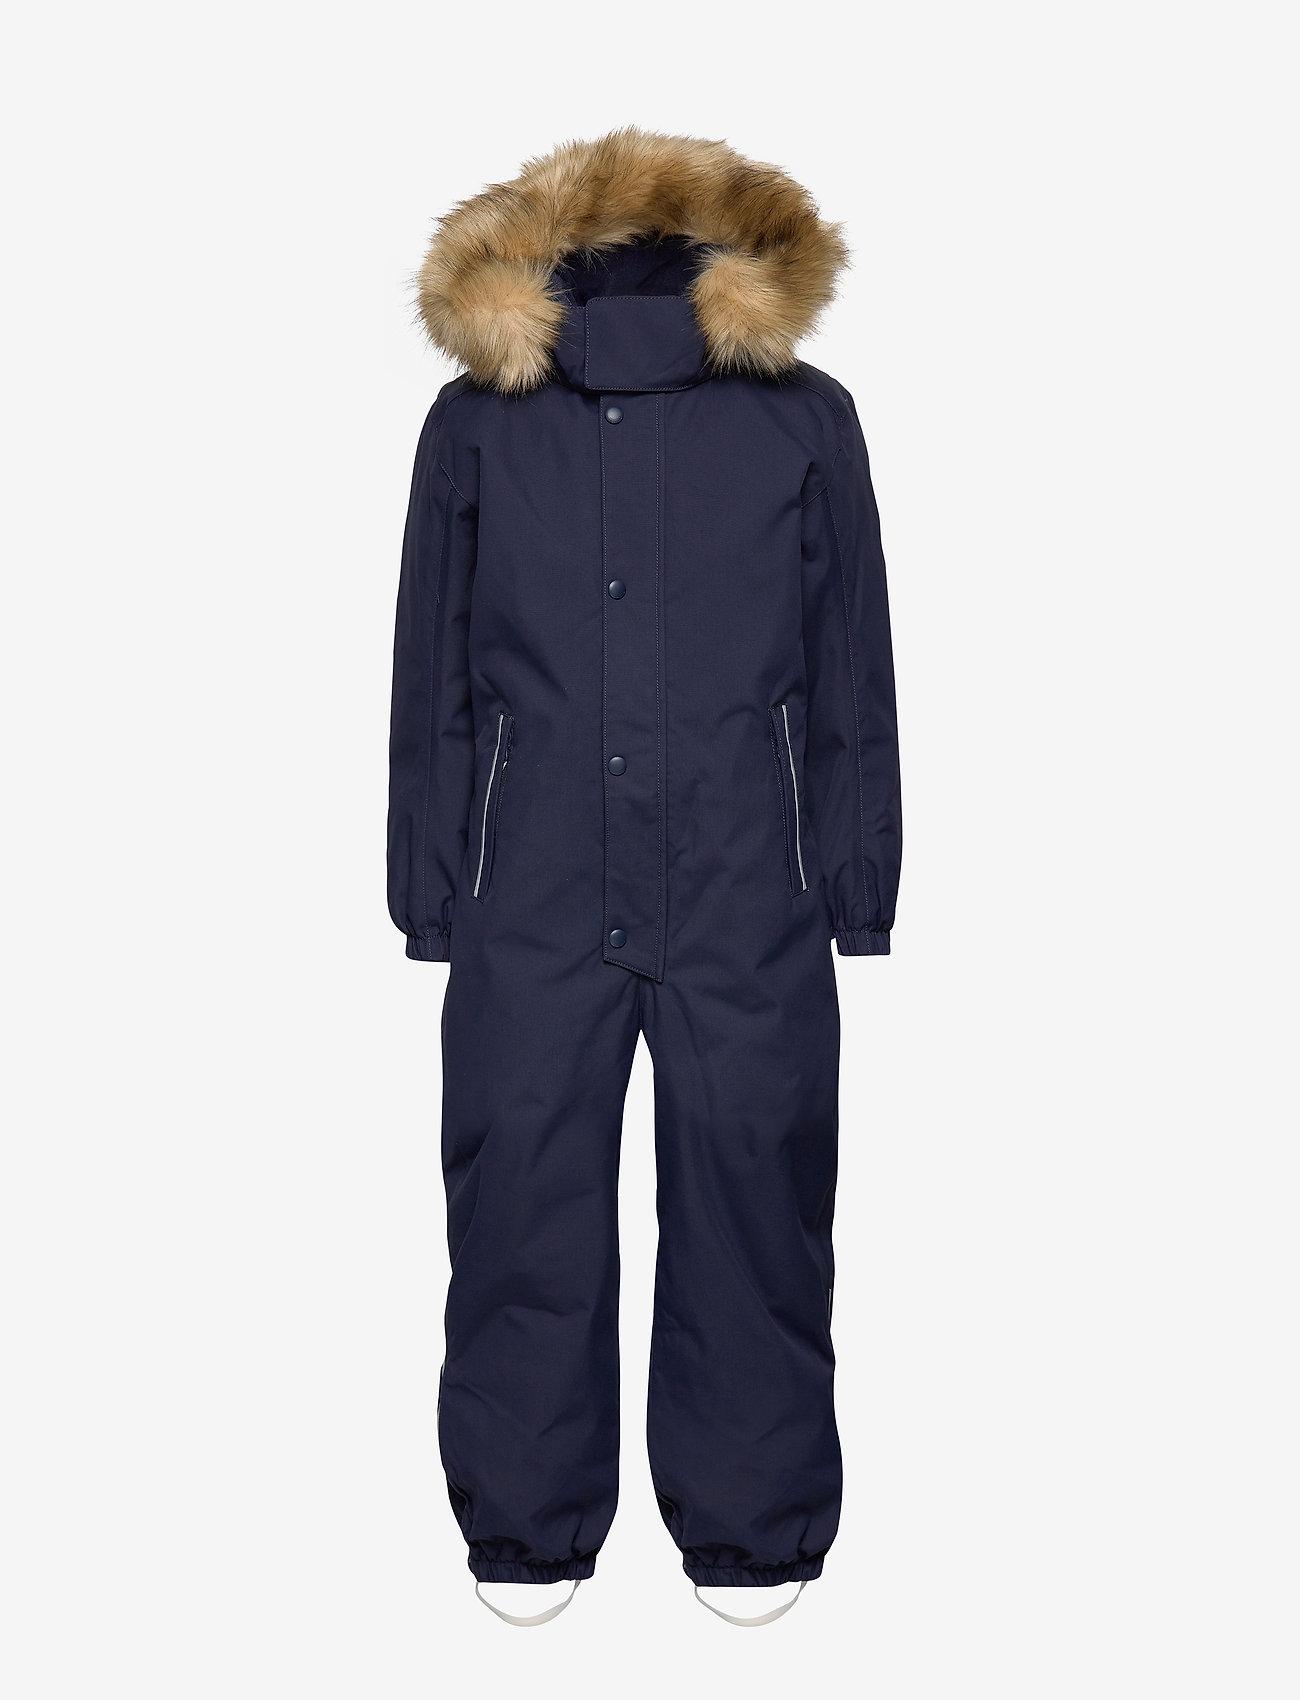 Reima - Stavanger - snowsuit - navy - 1